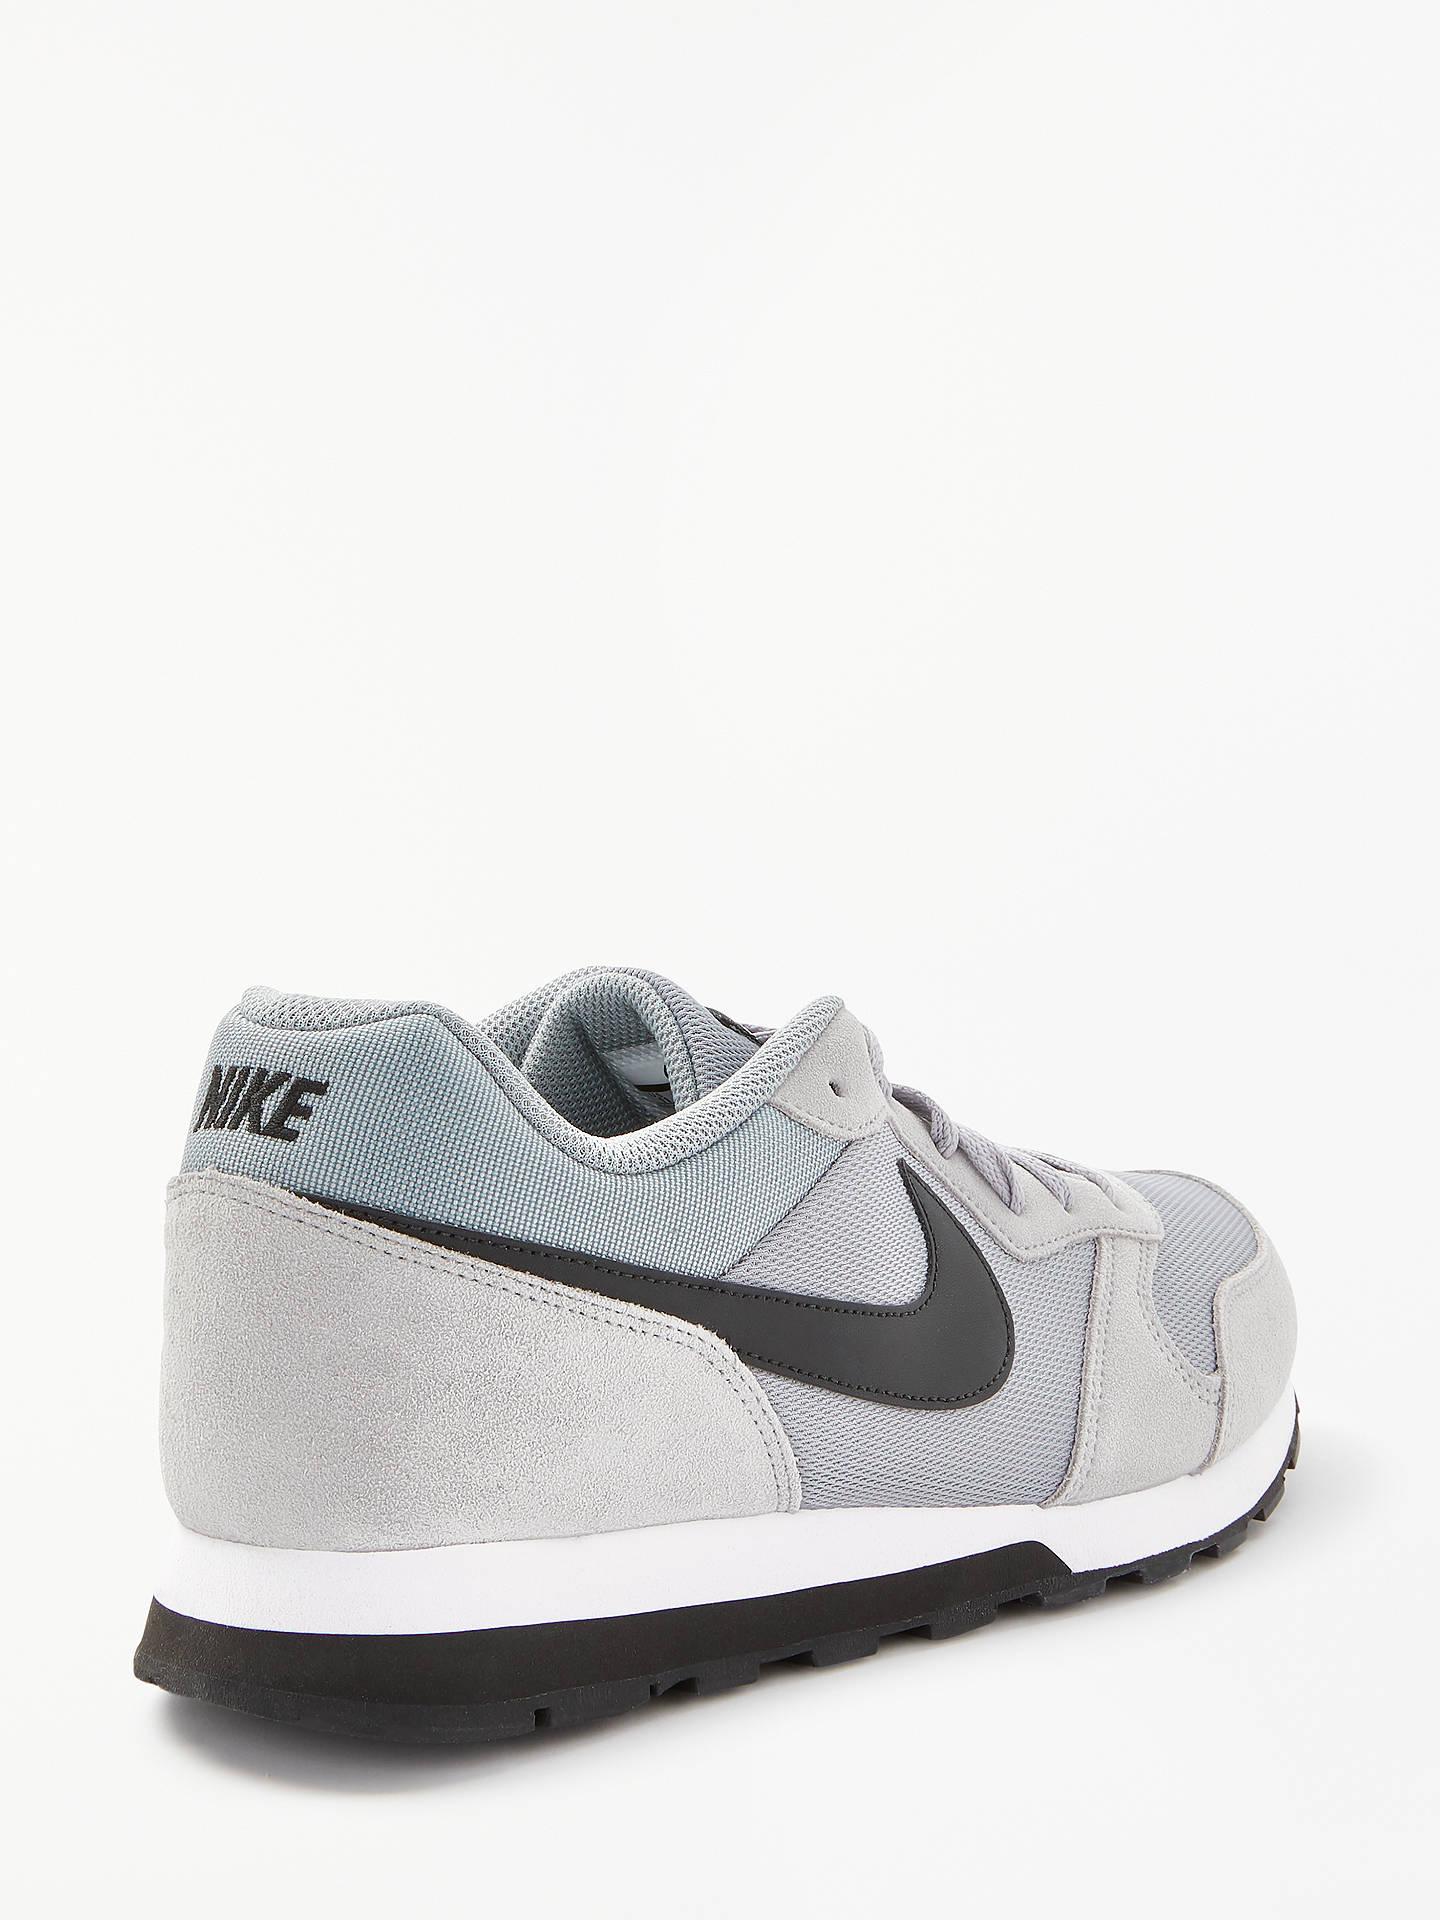 494da9de9c3e8 ... Buy Nike MD Runner 1 Men s Trainers